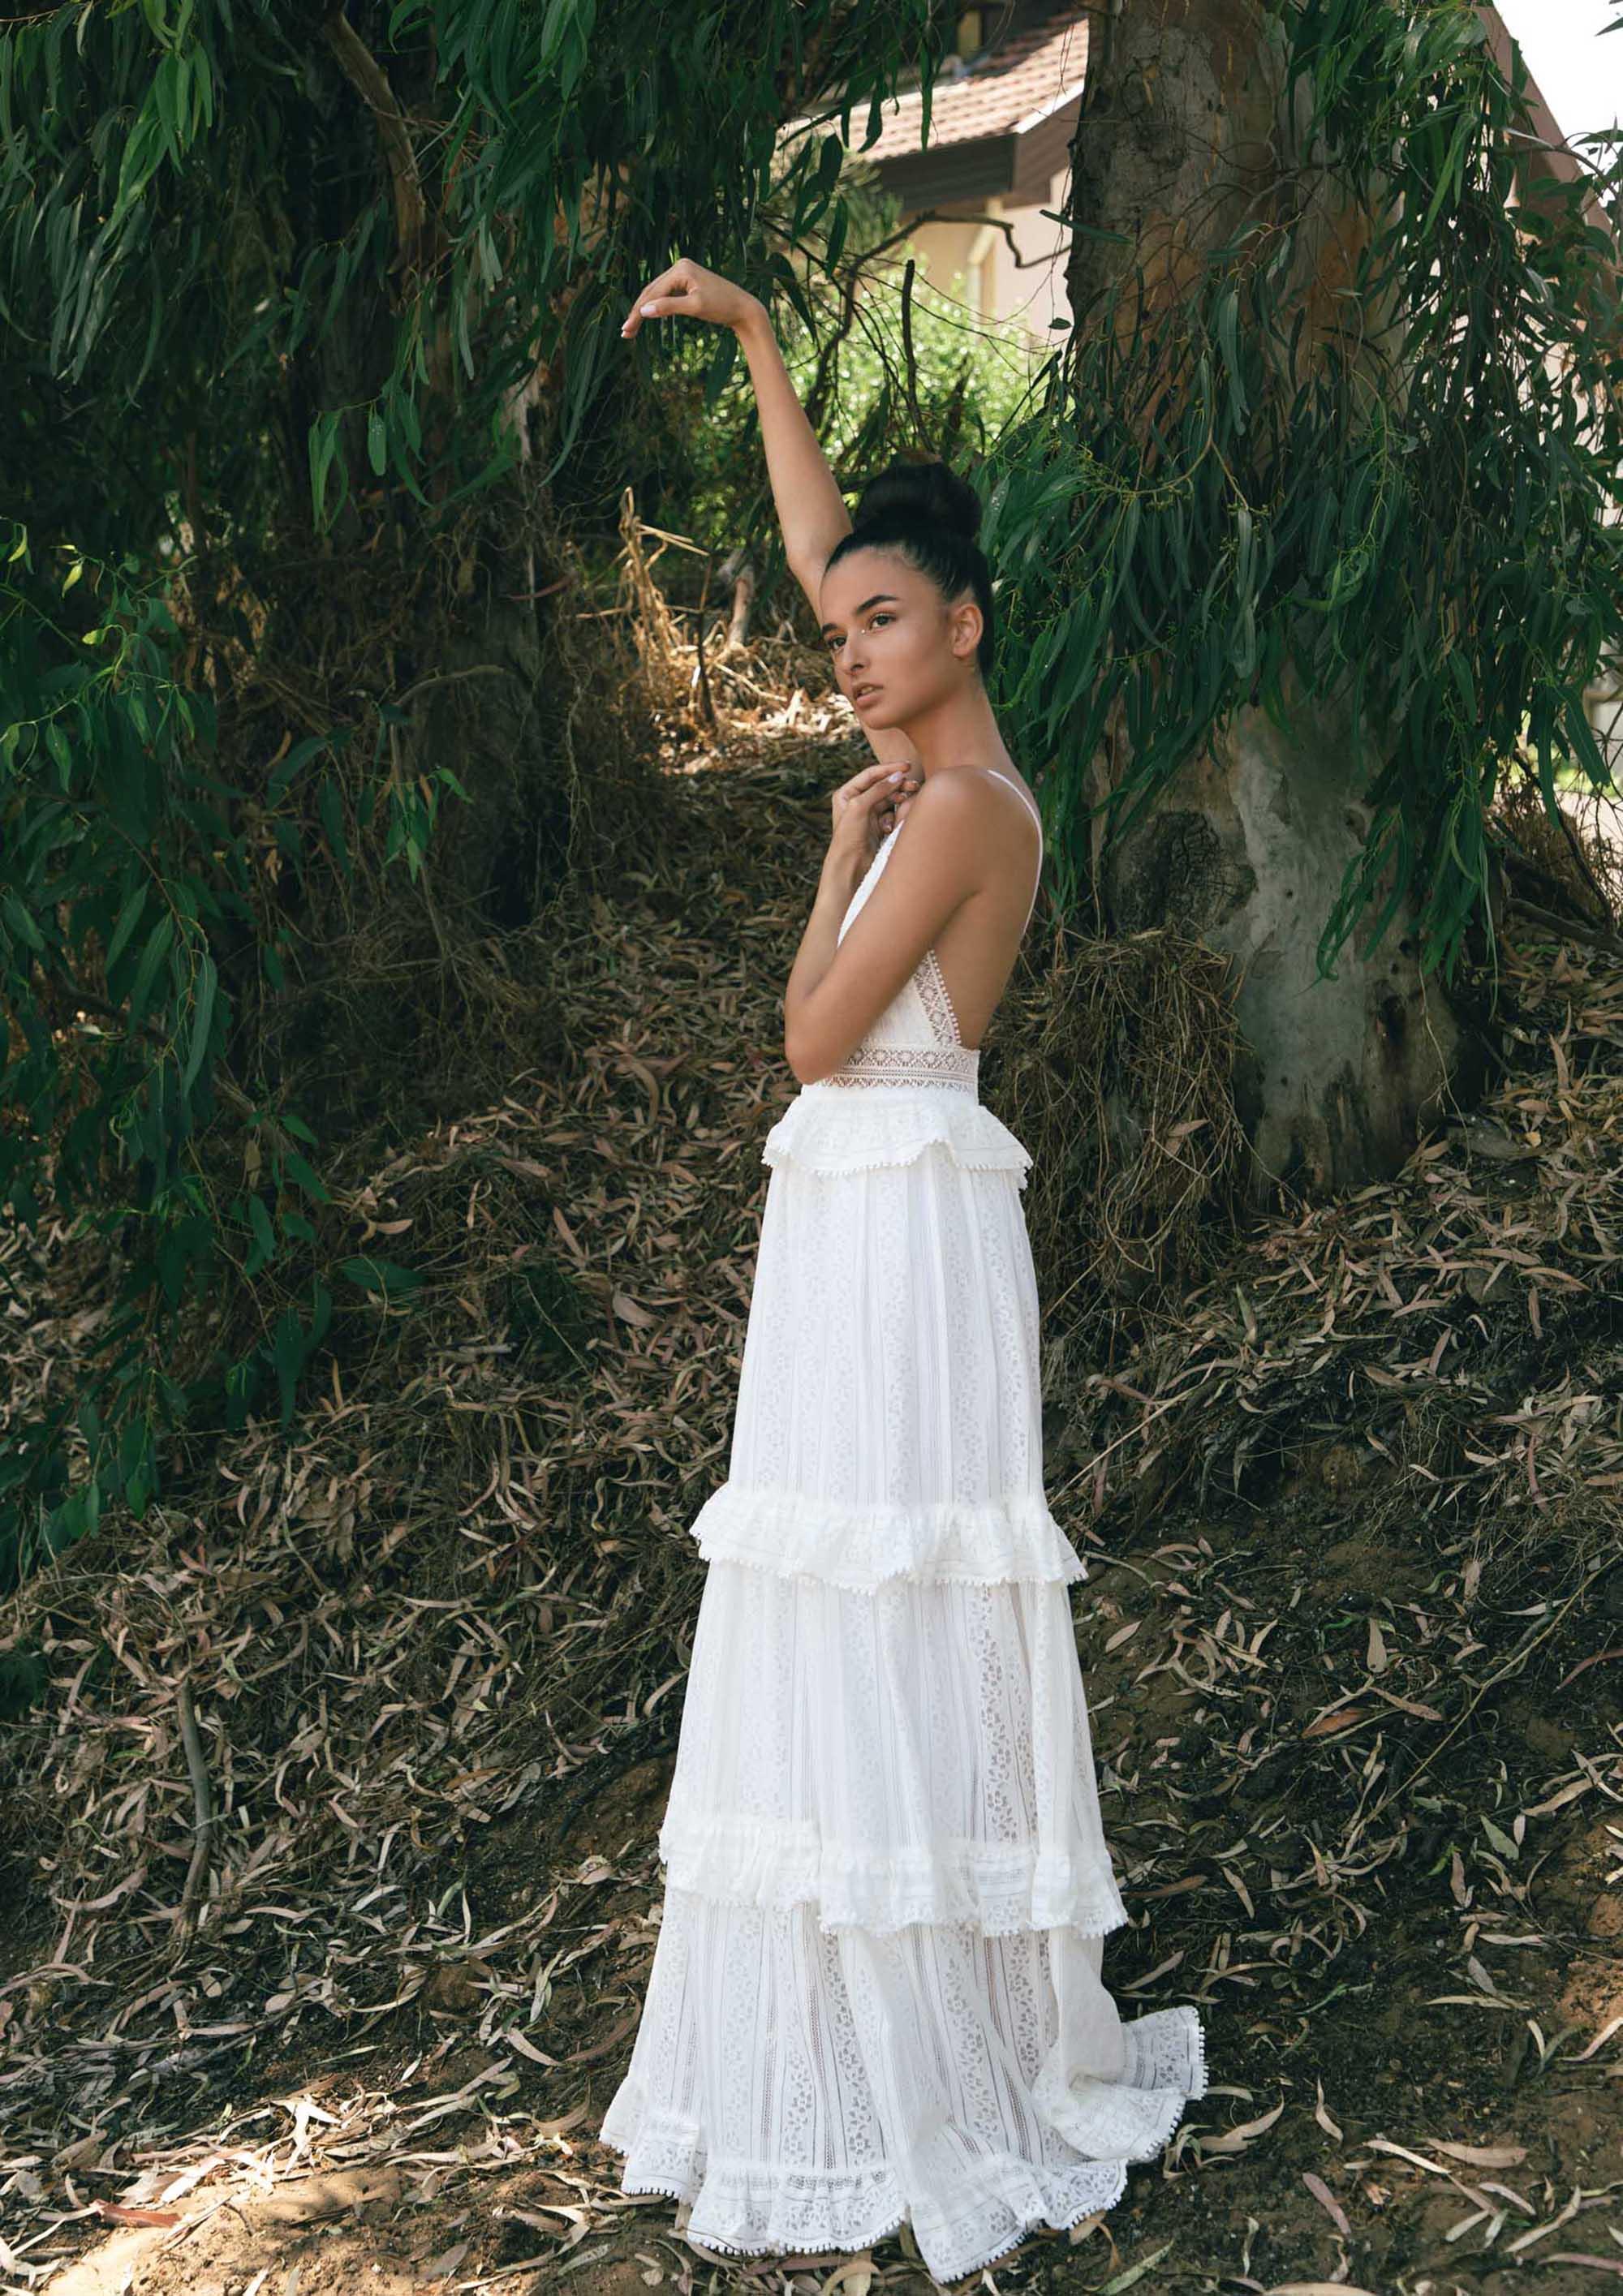 אופנה, Fashion Academy: סטיילינג: Liron Dishel Stylementor, צילום Dana Lavie, איפור ועיצוב שיער Tal Lavie, דוגמנית: Benhai Marie ל-Yuli Models, מגזין אופנה -3